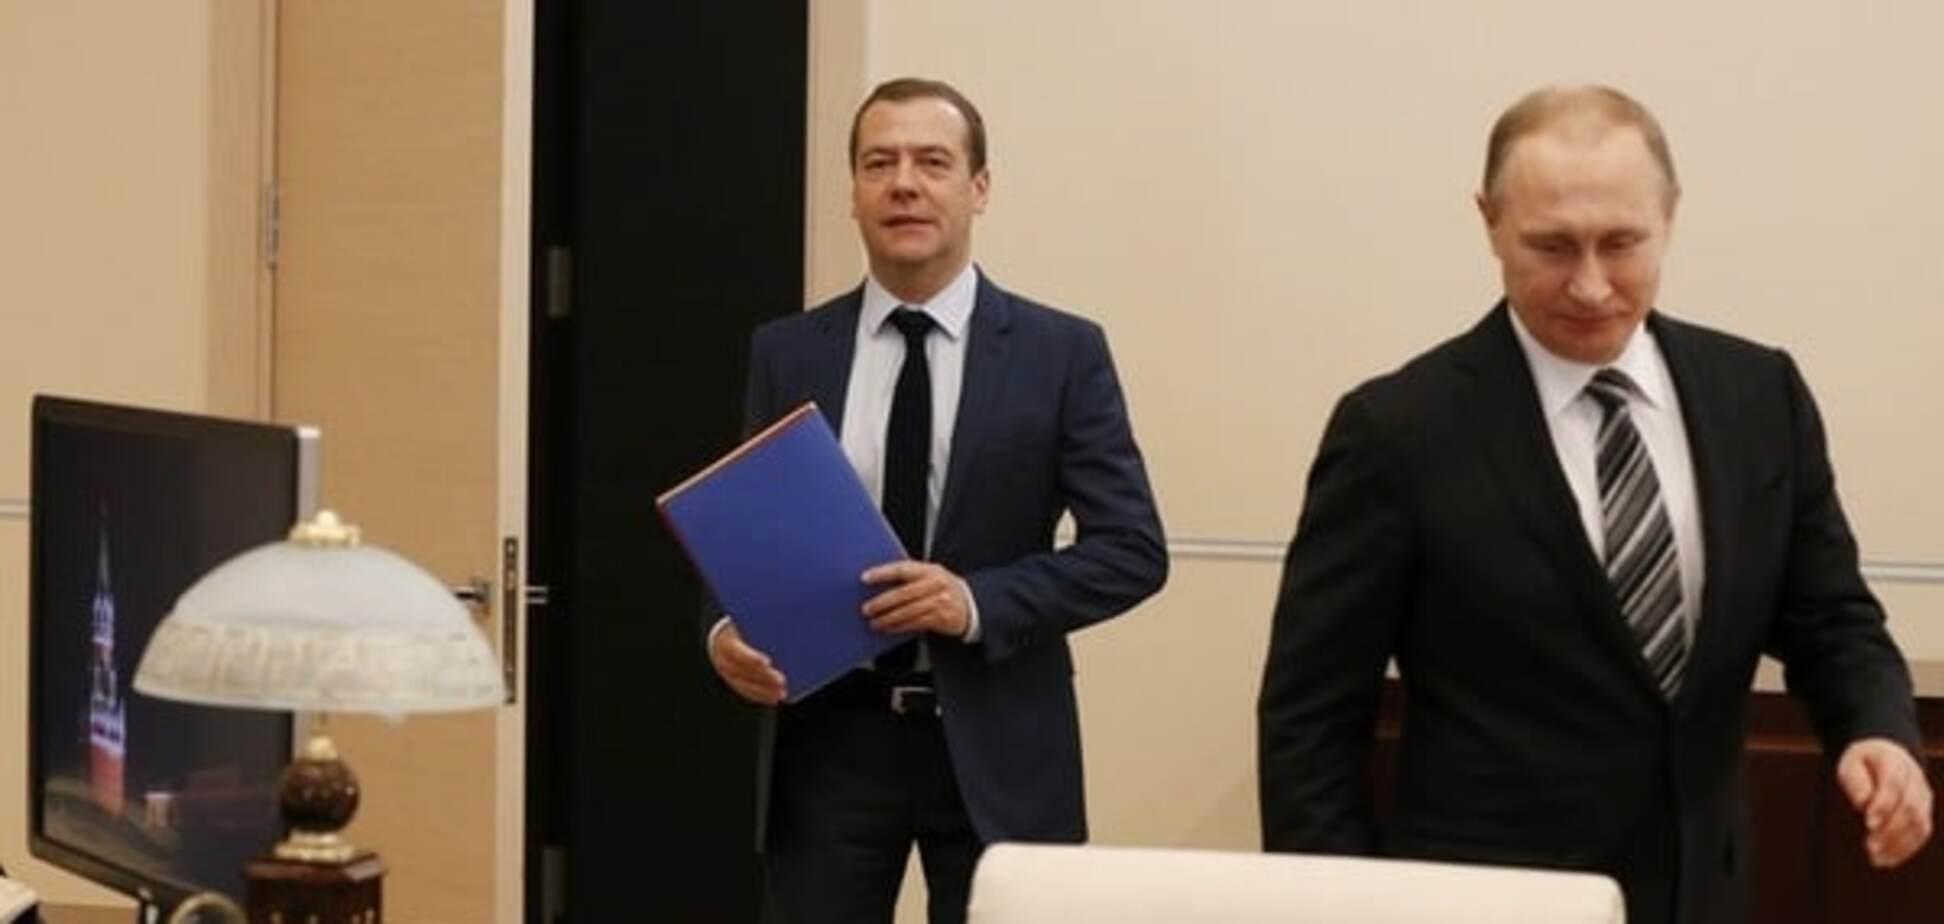 Портников: на скамье подсудимых в Гааге Путин и Медведев будут сидеть рядом